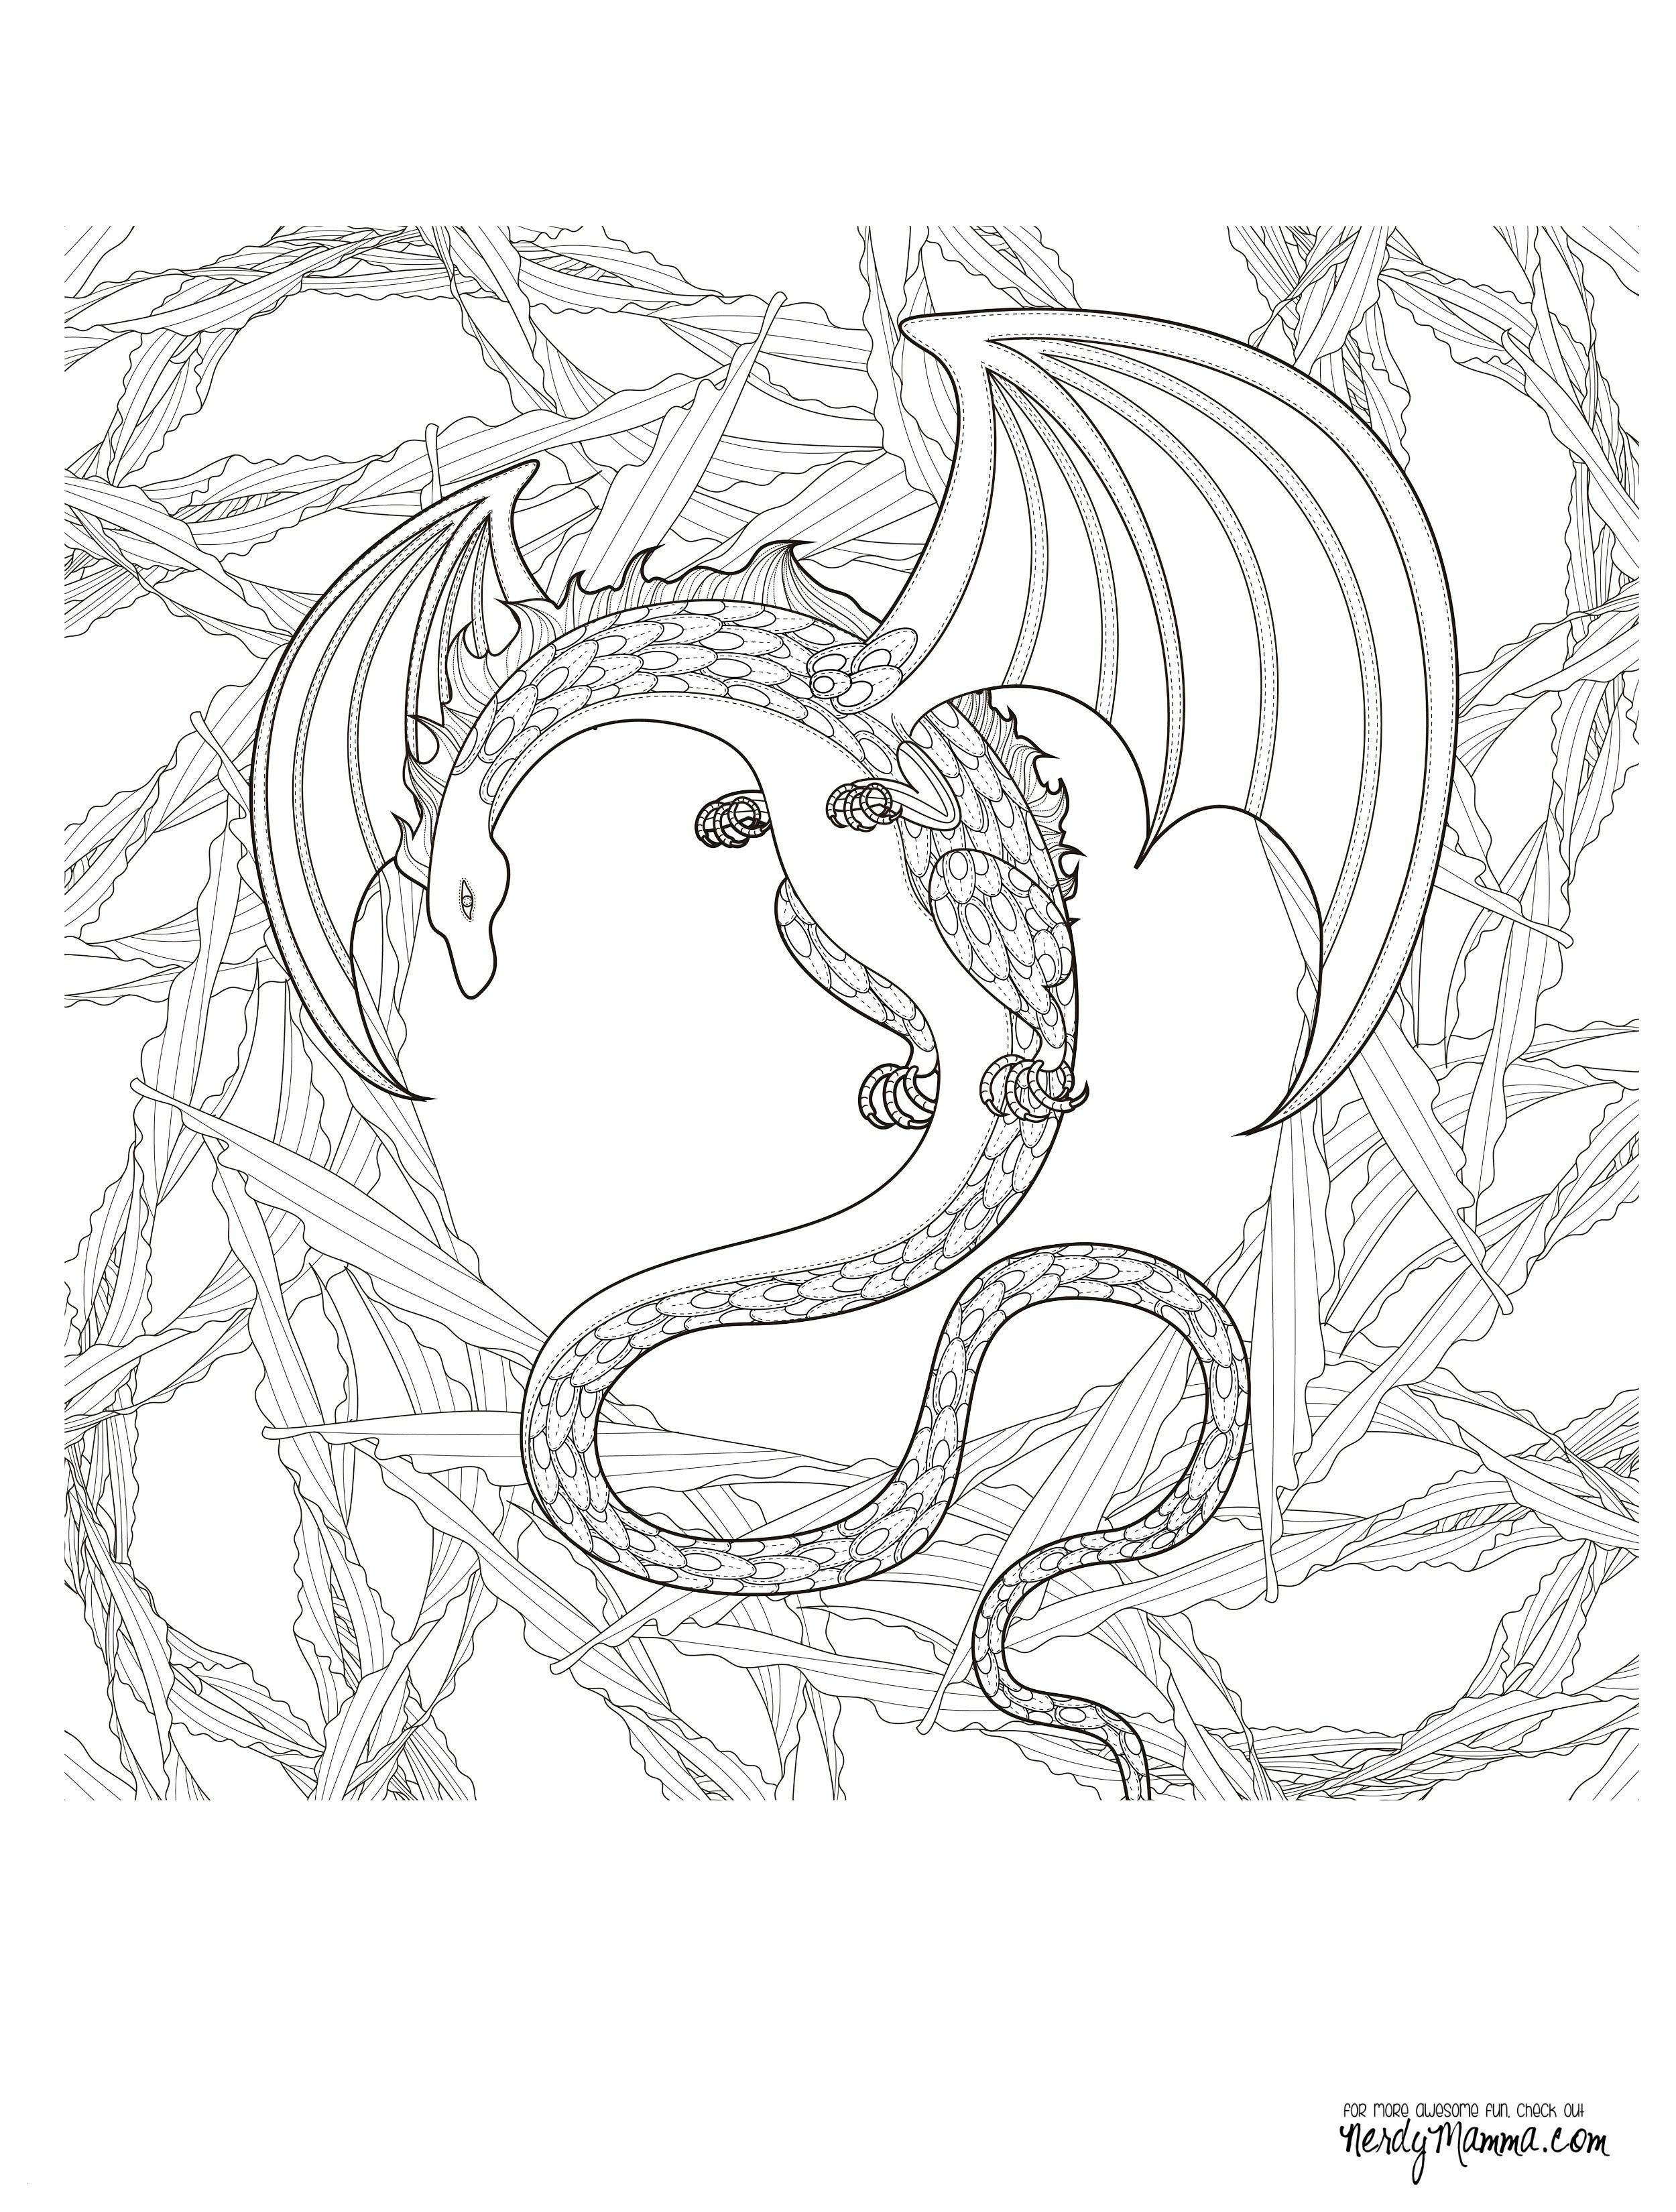 Ausmalbilder Weihnachten Mandala Neu Ausmalbilder Mandala Eule Schön Malvorlagen Für Erwachsene Schön Sammlung